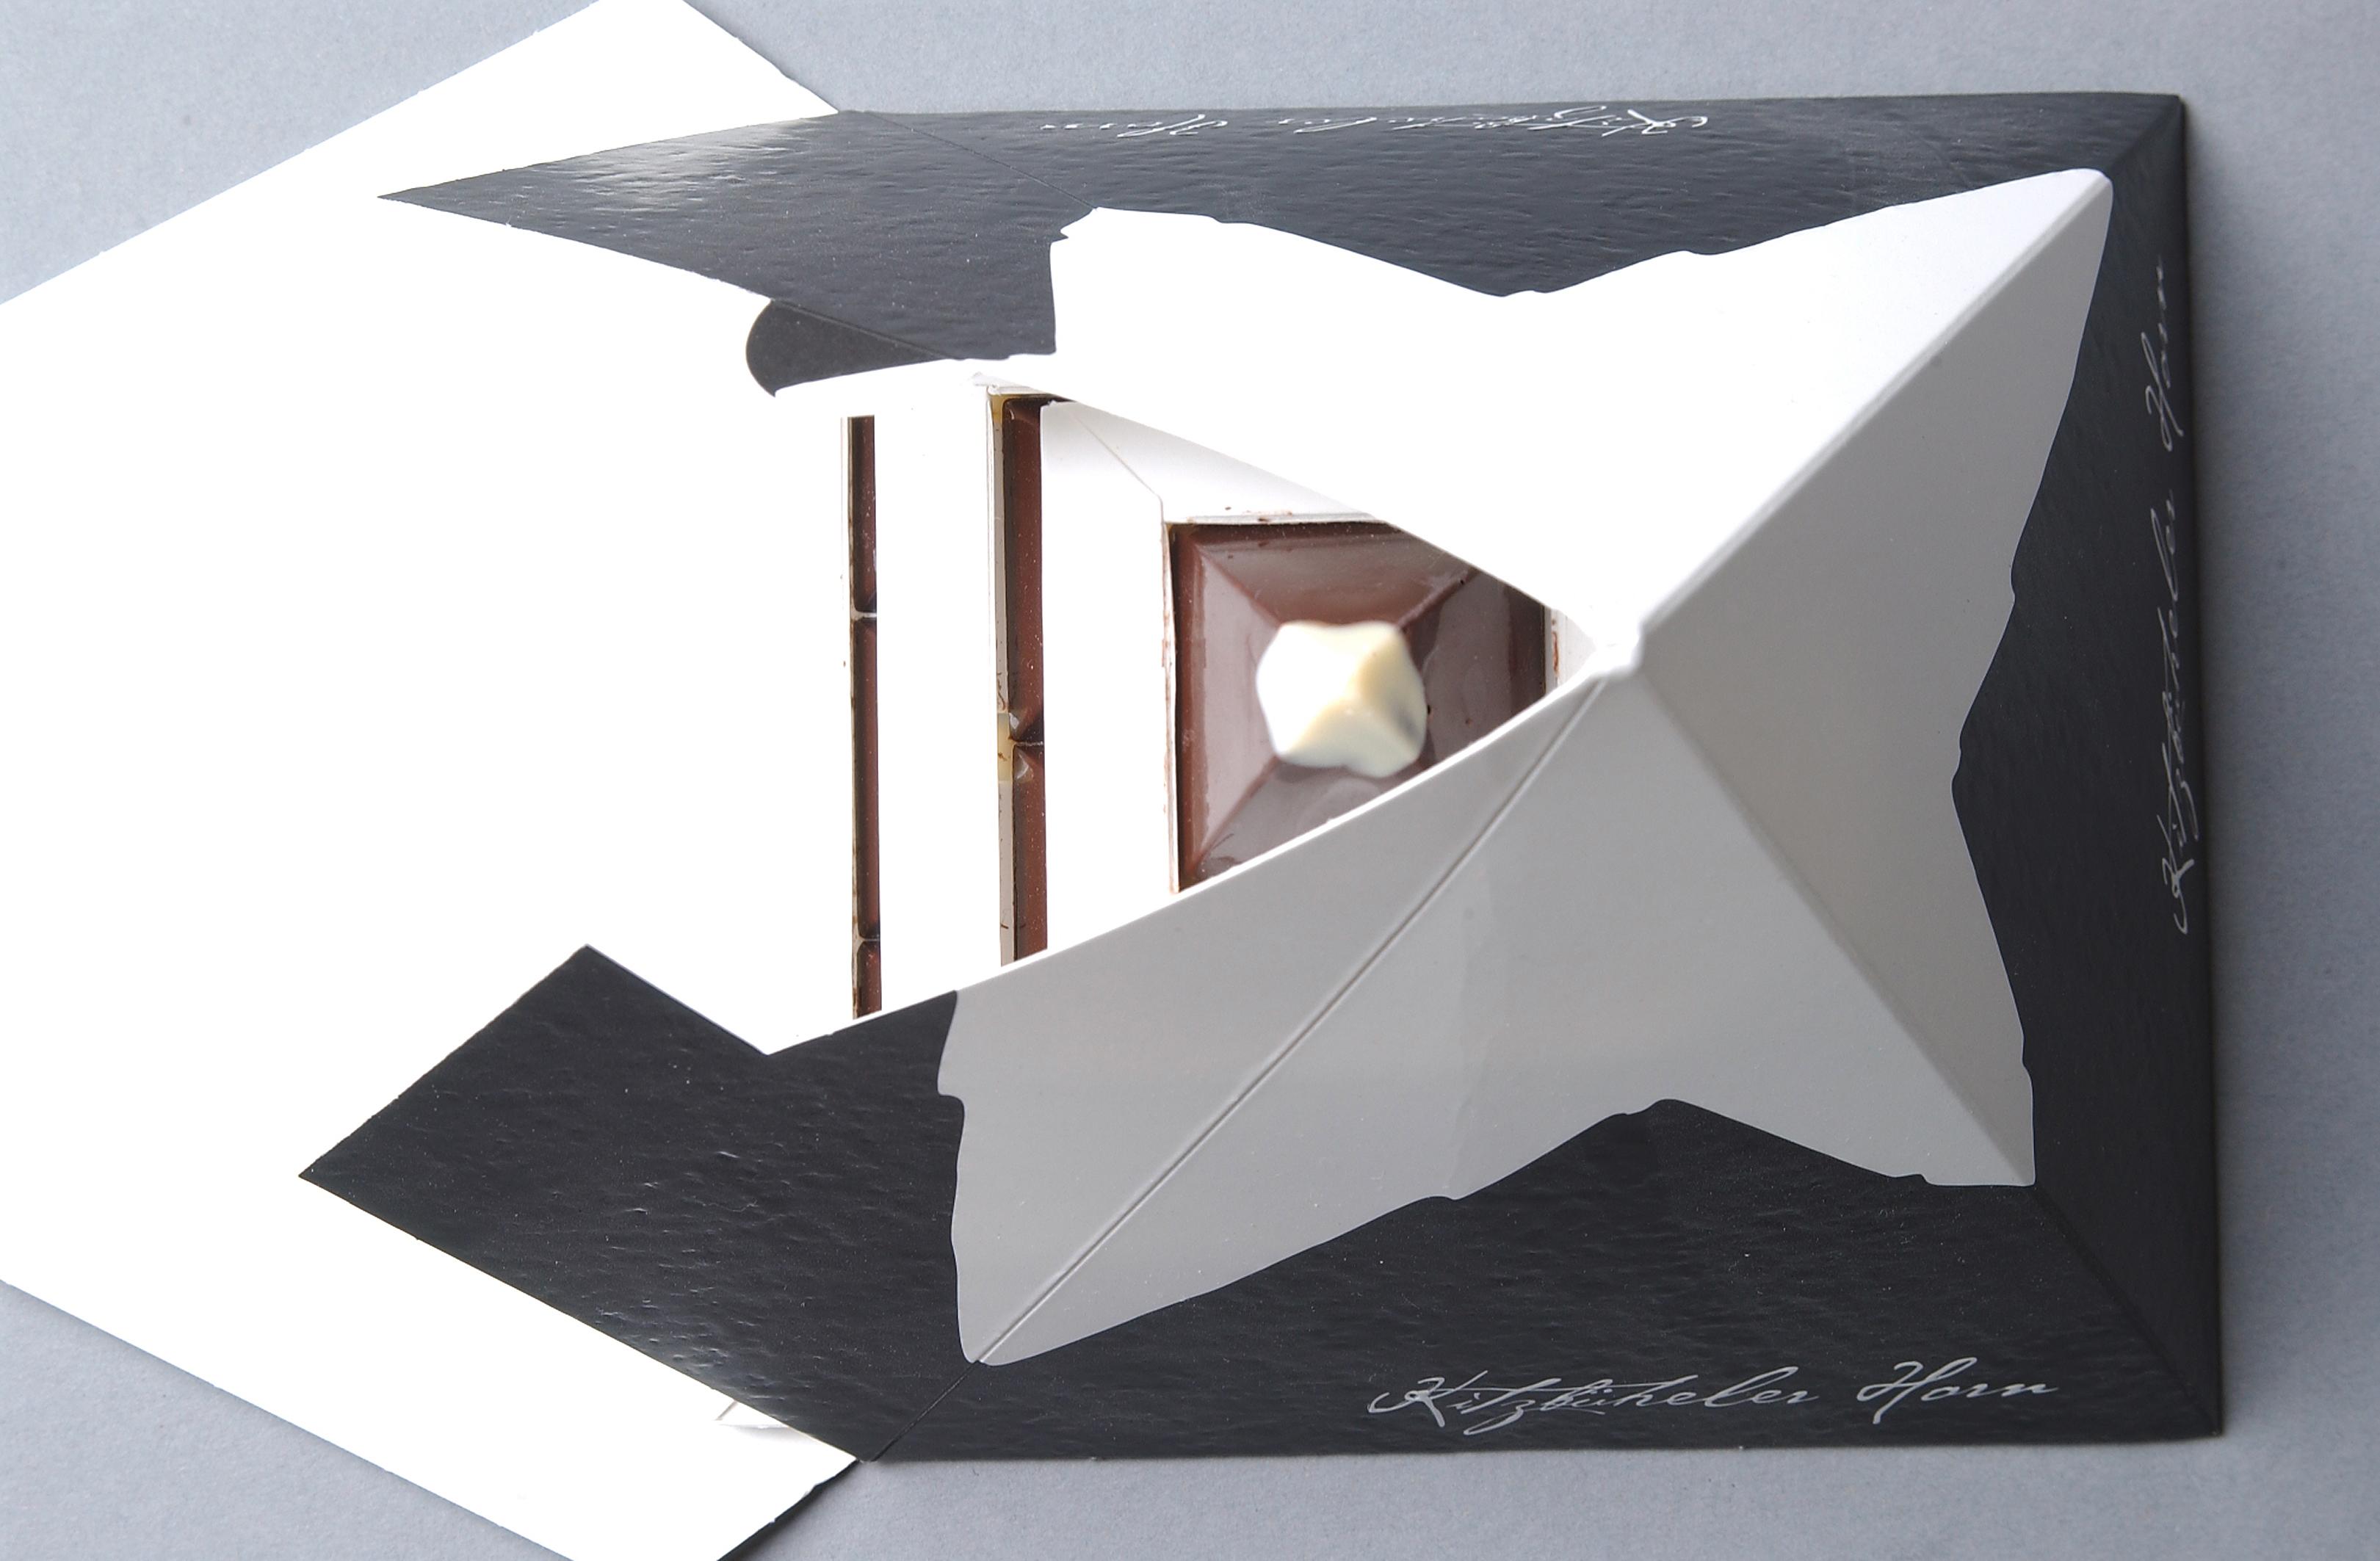 Mayr-Melnhof Packaging Austria GmbH 8